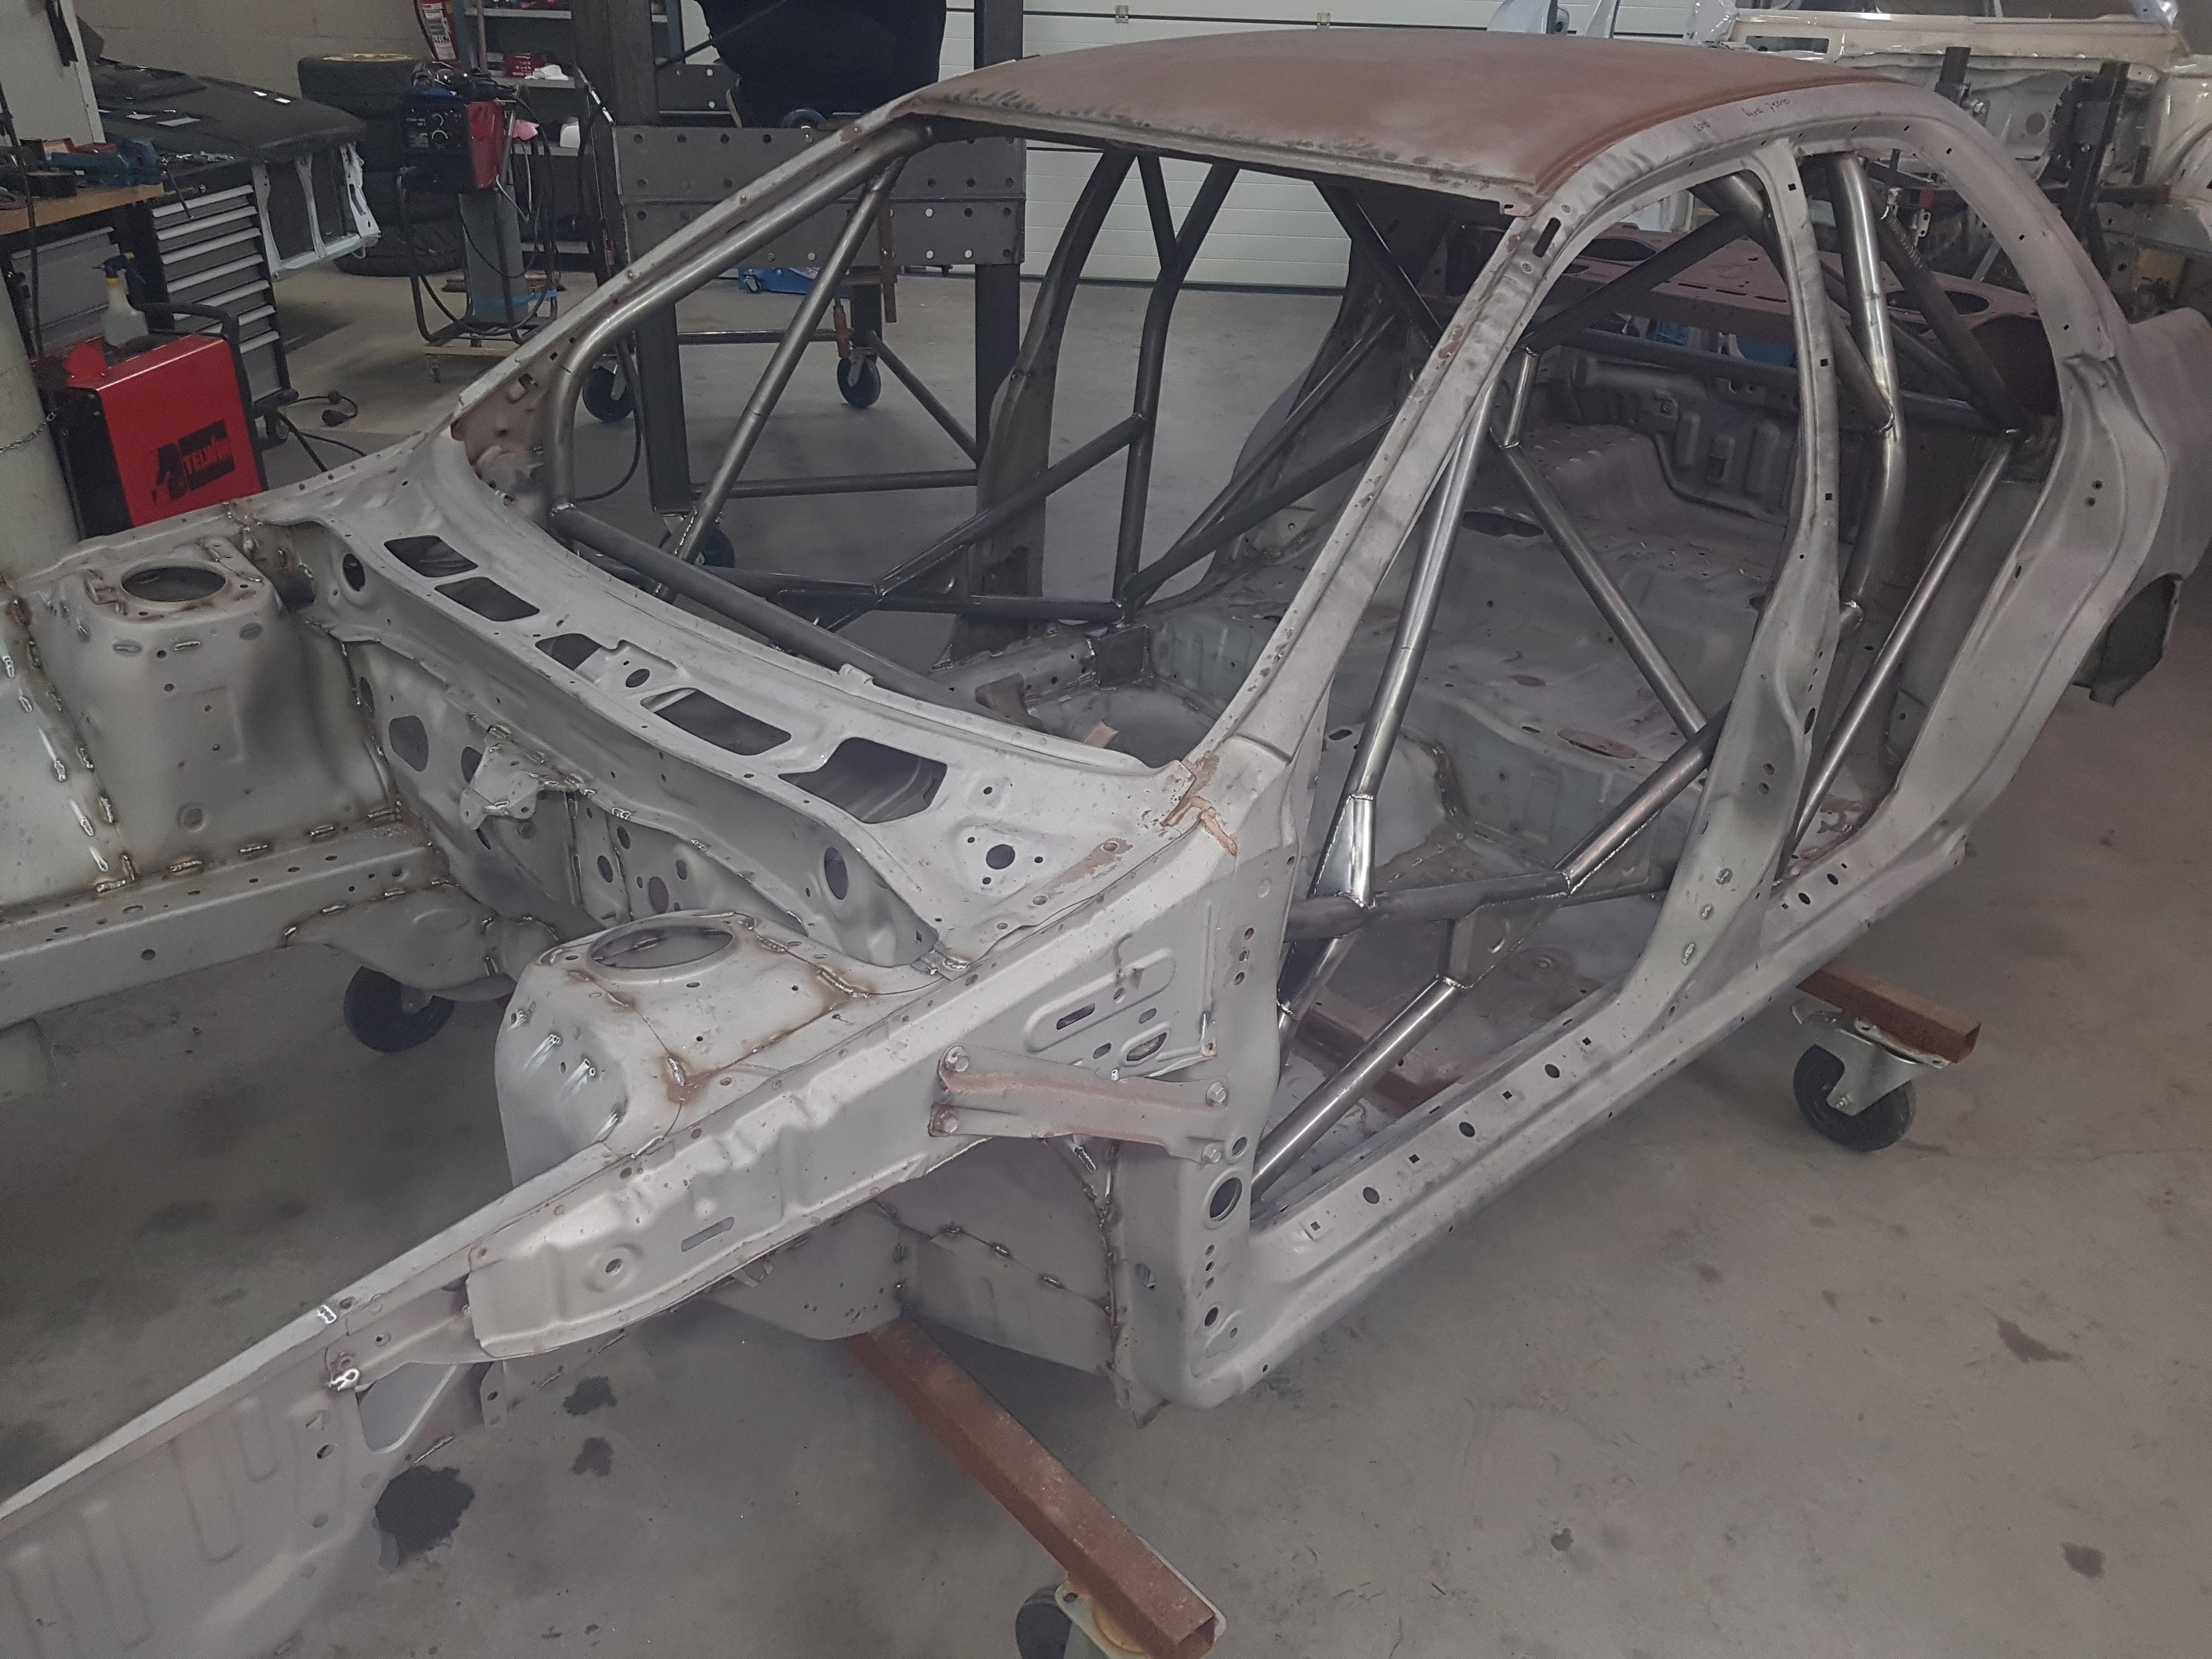 Subaru Impreza GTT GC8 Met Rolkooi E.d.